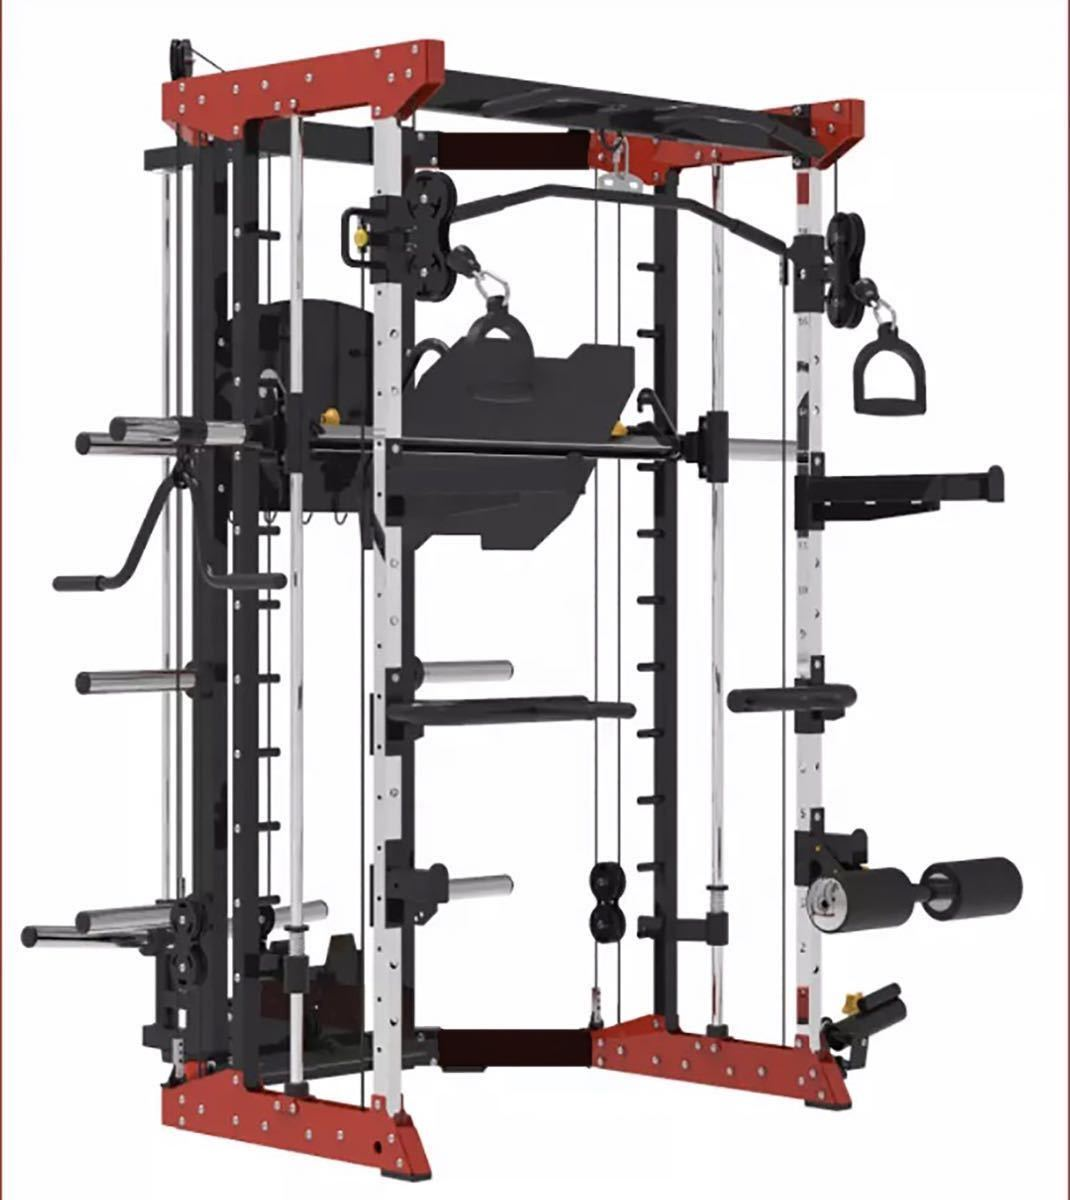 新型 SOVRAN (赤) マルチスミスマシン、35kg ラバープレートセット、レッグプレス、パワ